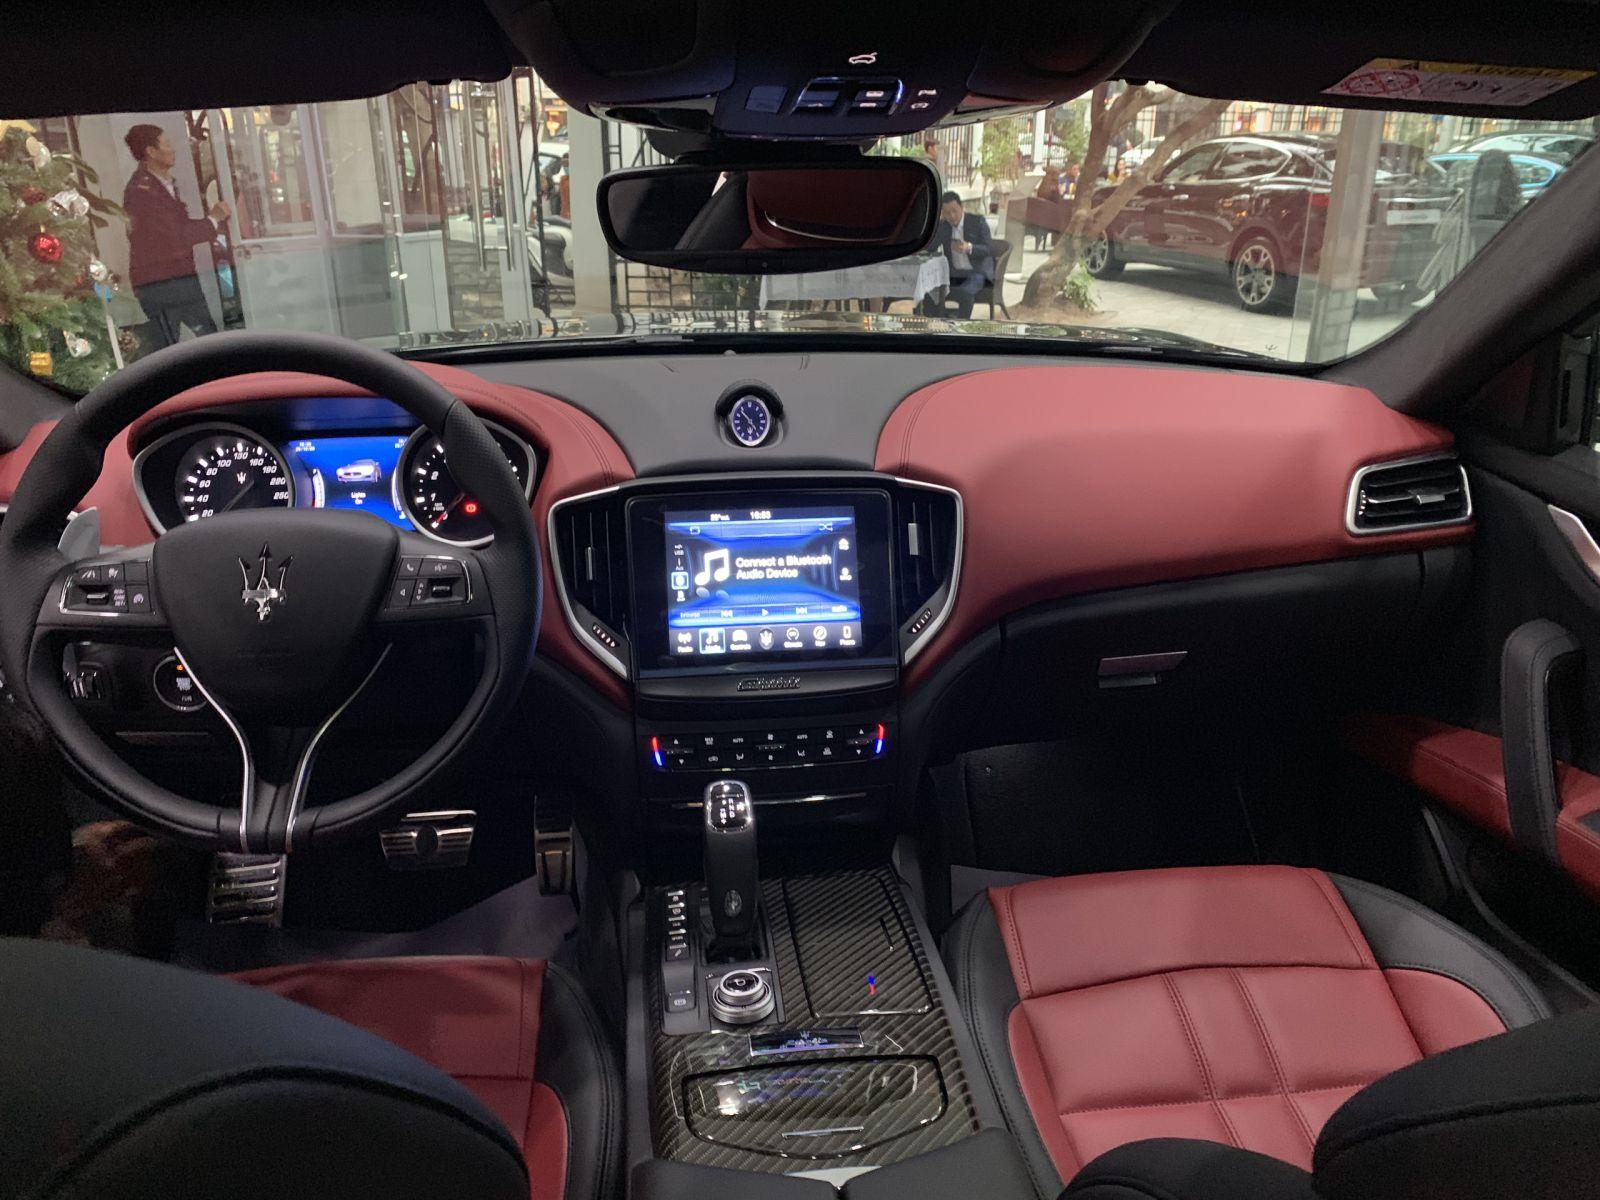 Xe Maserati Ghibli Gransport NERO RIBELLE Màu Đen Giá Bao Nhiêu Khi Ra Mắt ở Việt Nam, Xe Ý nhâp khẩu nguyên chiếc, nội thất đỏ đen, ngoại thất đen ánh kim